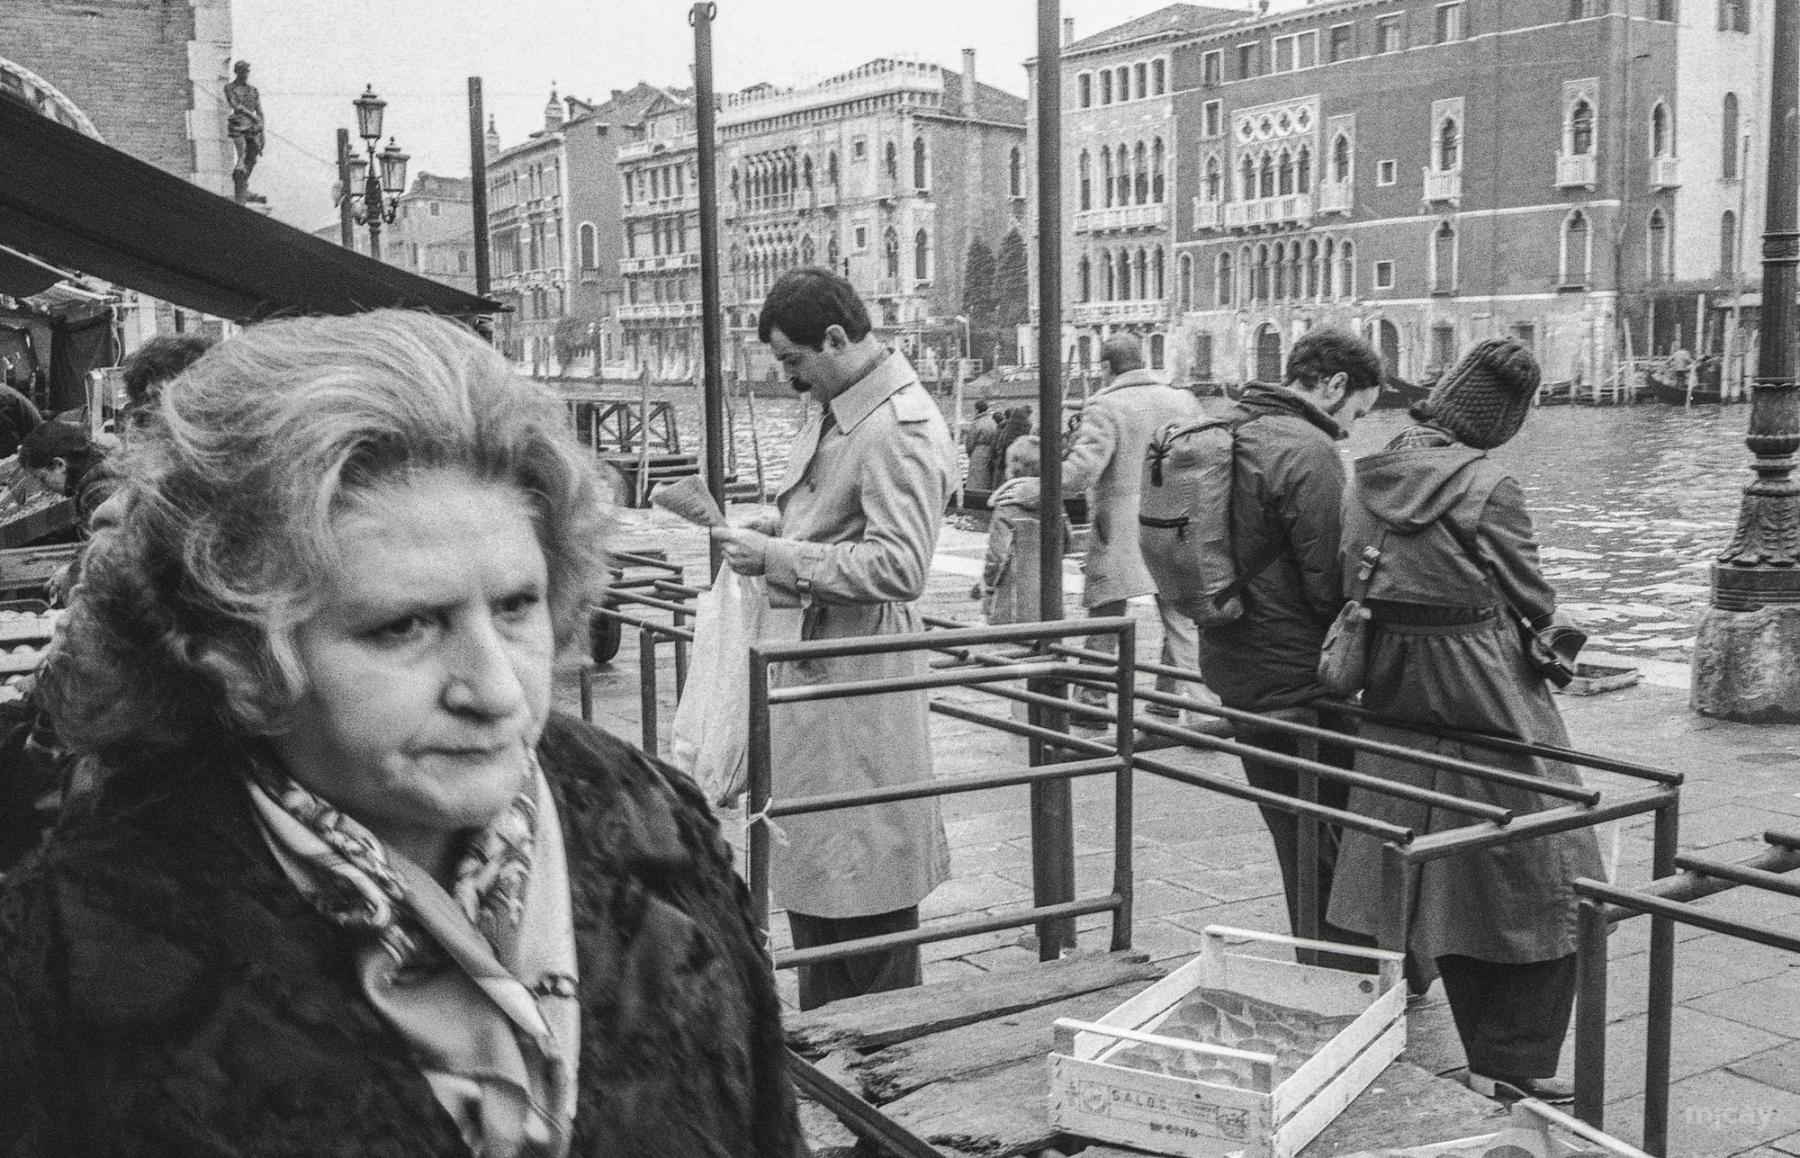 MichelAycaguer-Venise-lesVenitiens-en1980-56